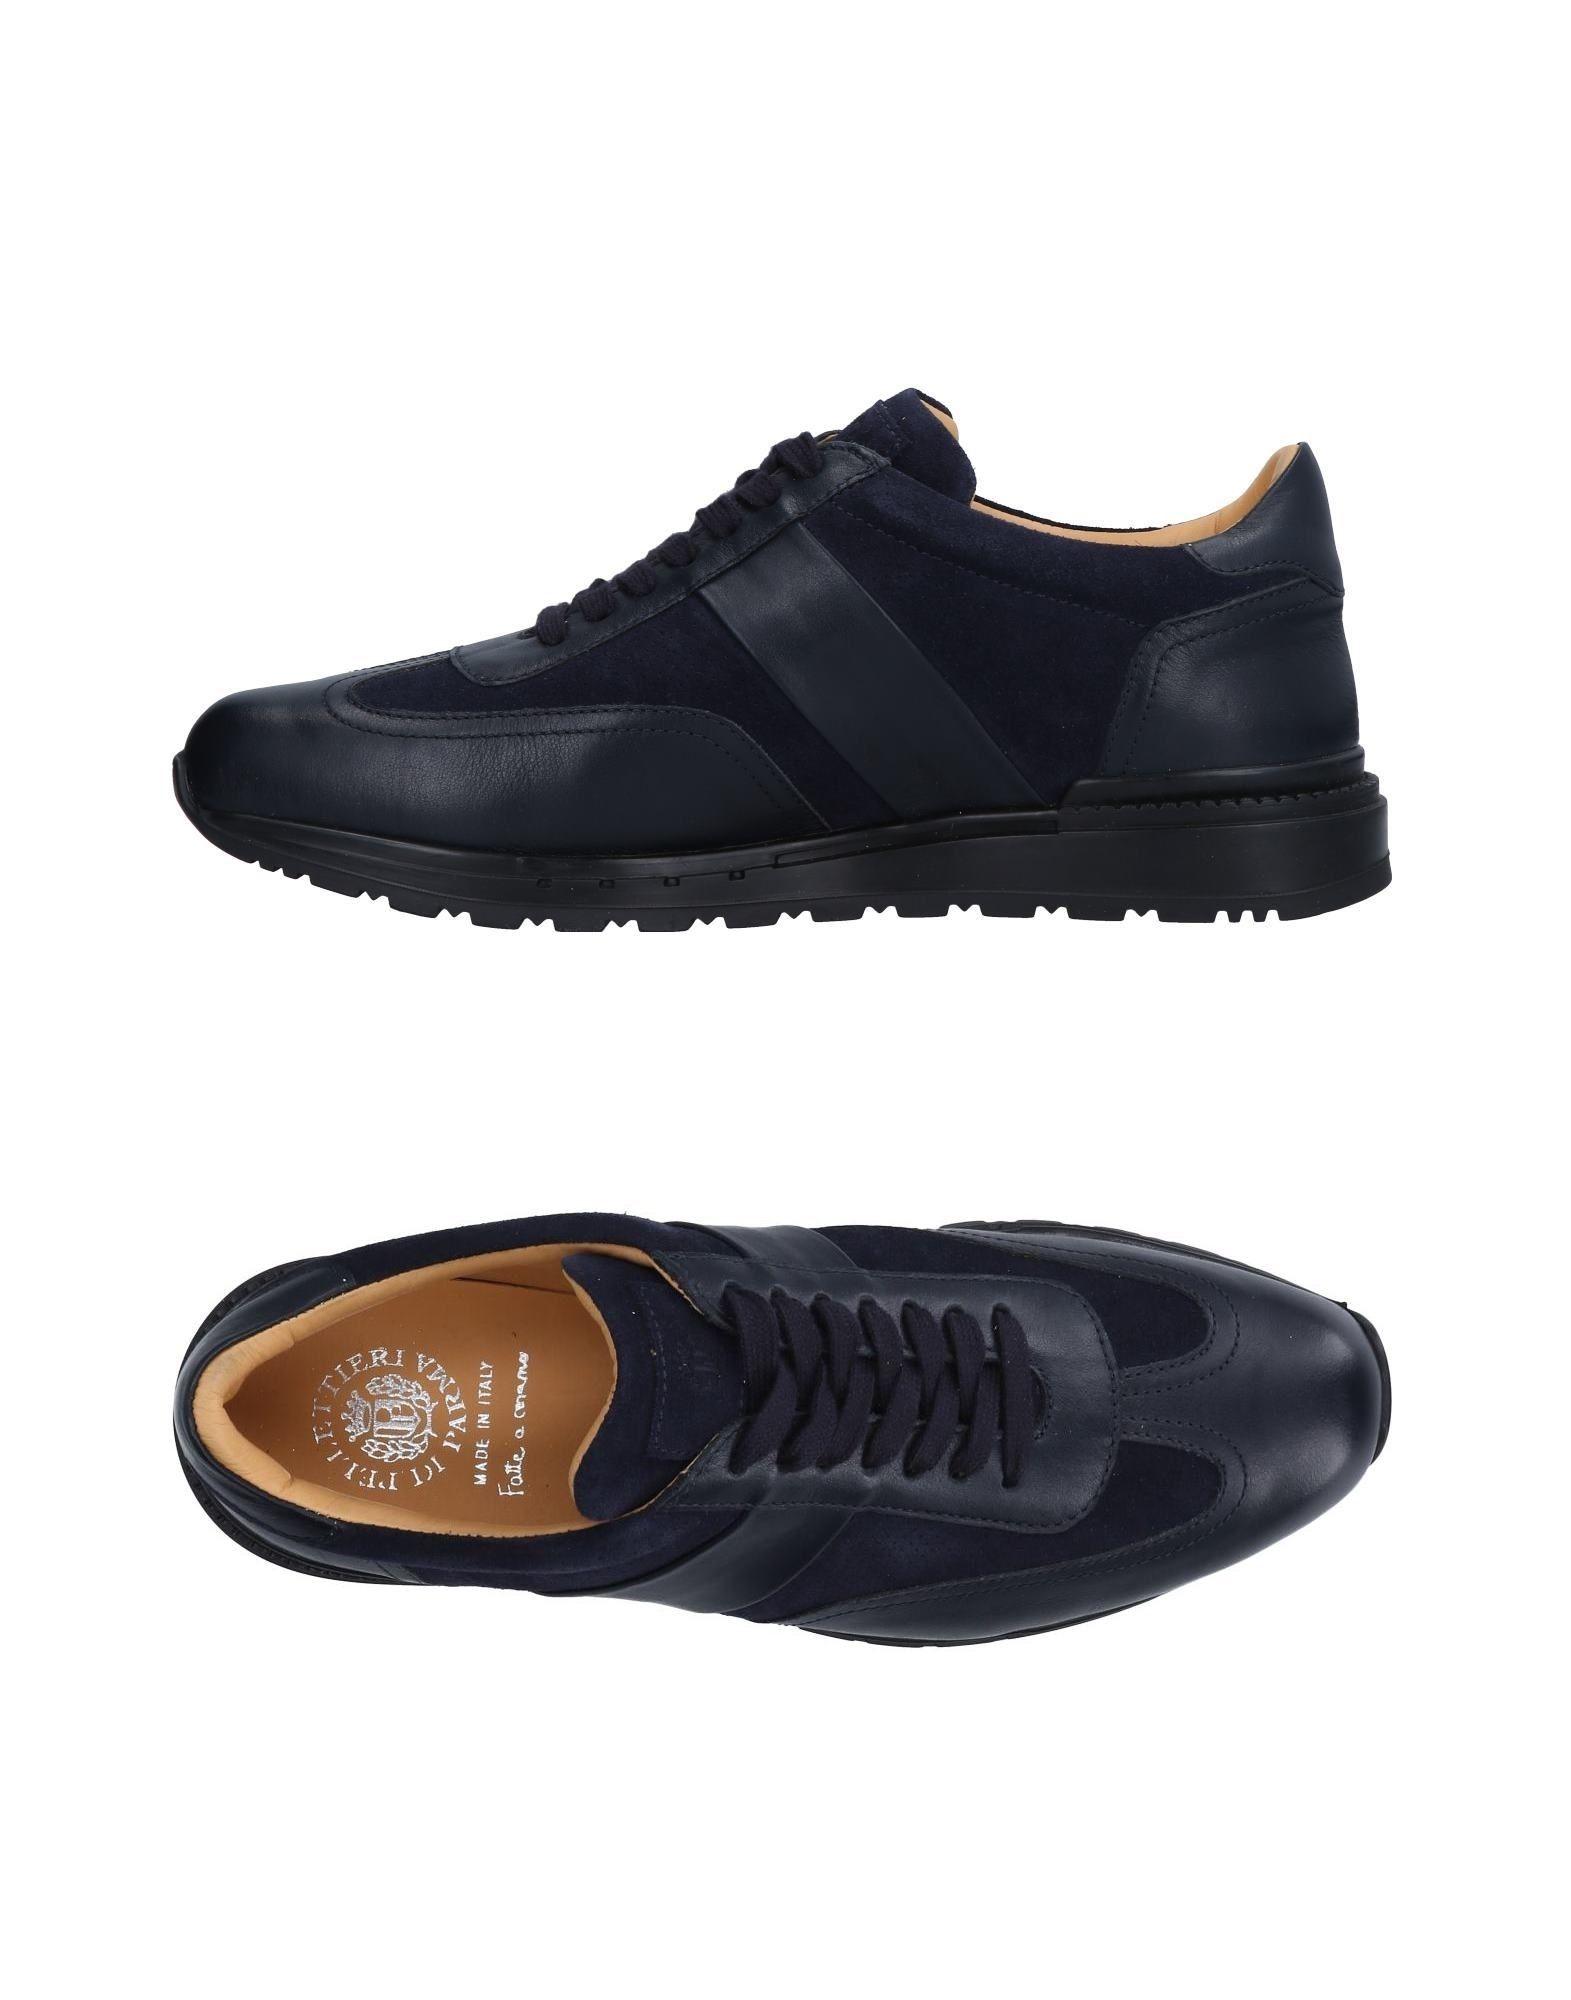 Sneakers Pellettieri Di  Parma Homme - Sneakers Pellettieri Di  Parma  Noir Les chaussures les plus populaires pour les hommes et les femmes